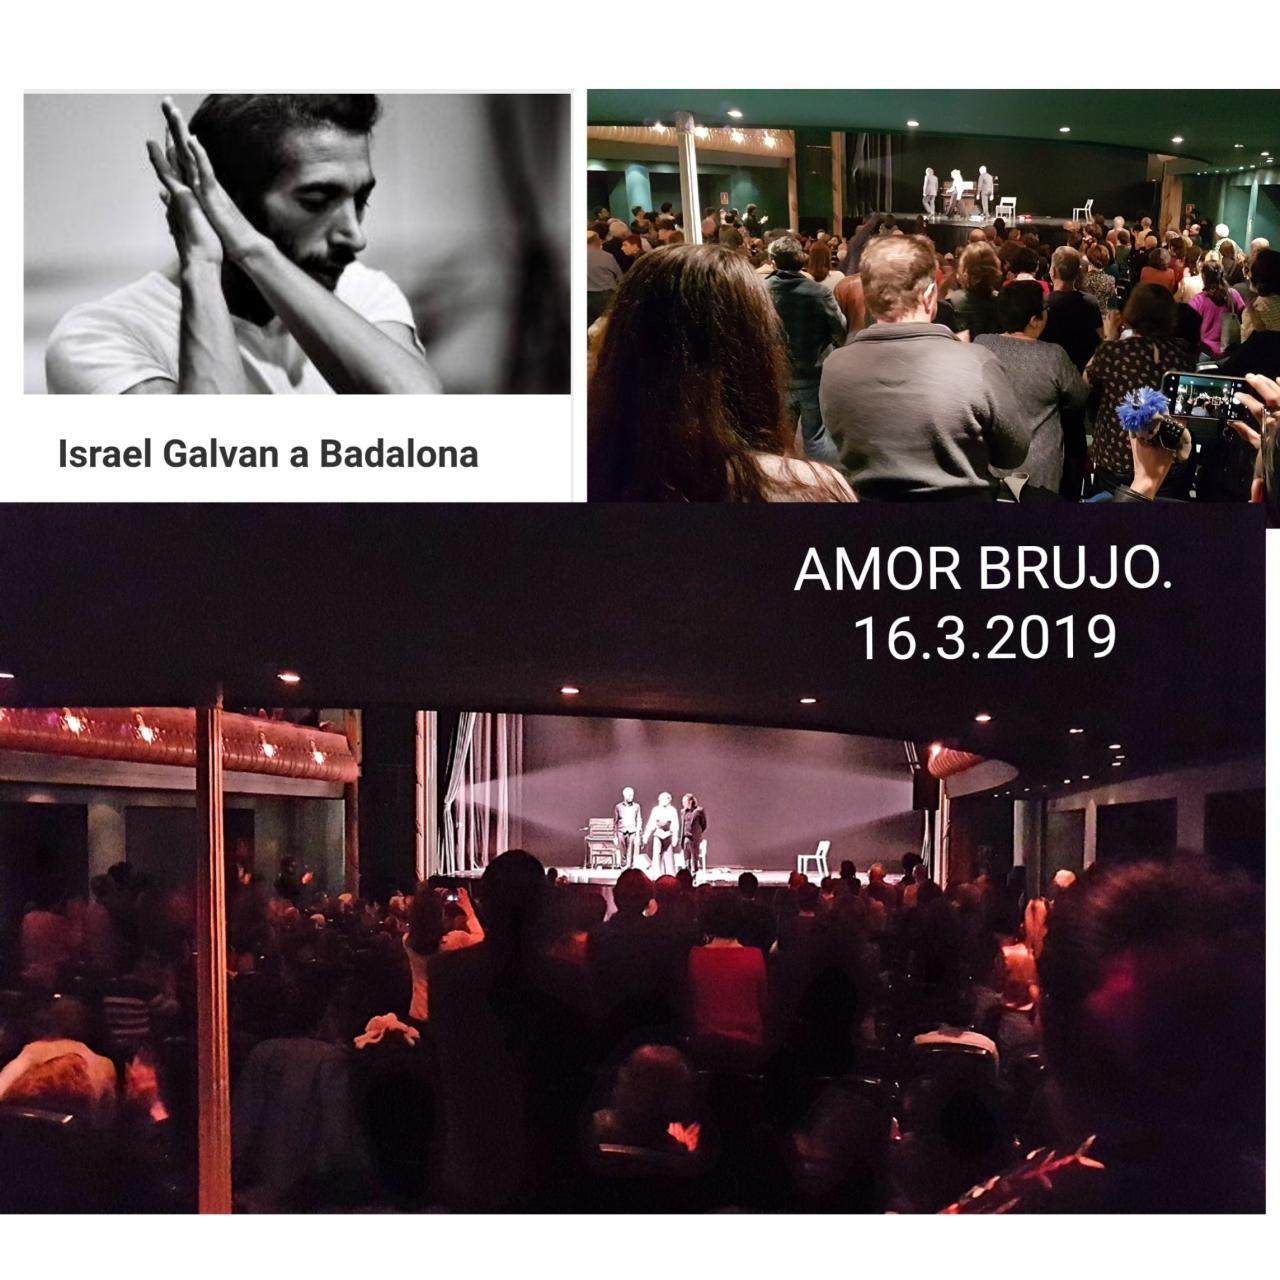 Israel Galvan a Badalona Marzo 2019 aplausos